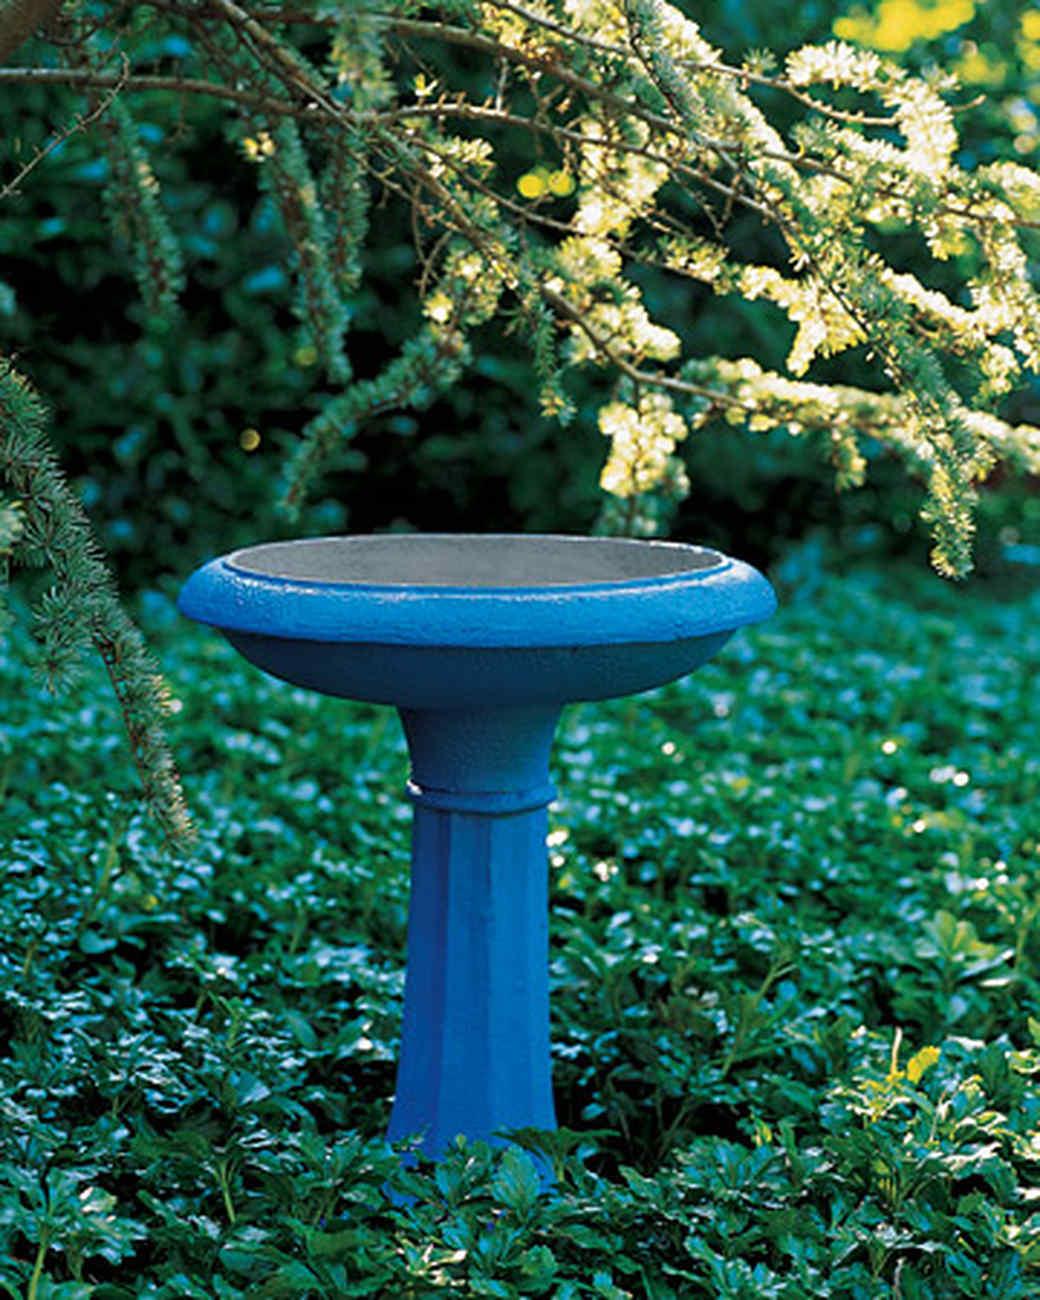 pa102693_0507_birdbath.jpg